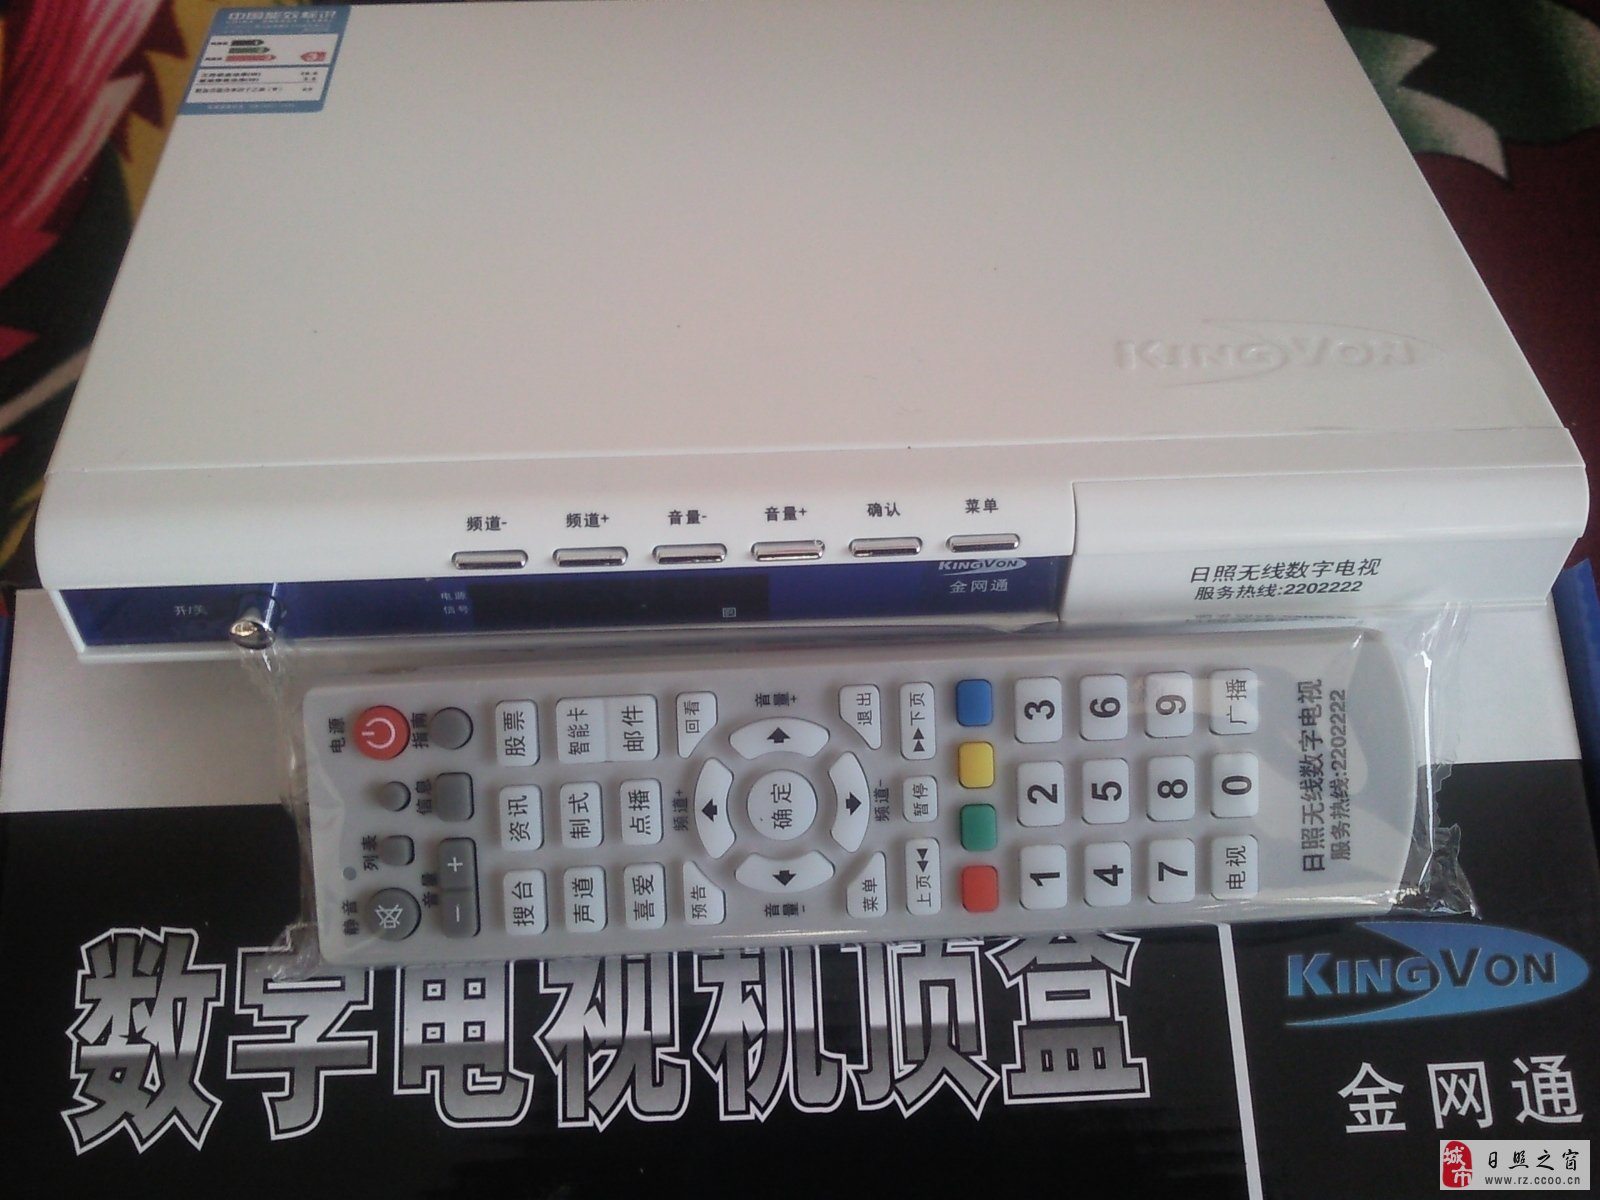 代理安装广电无线数字电视机顶盒